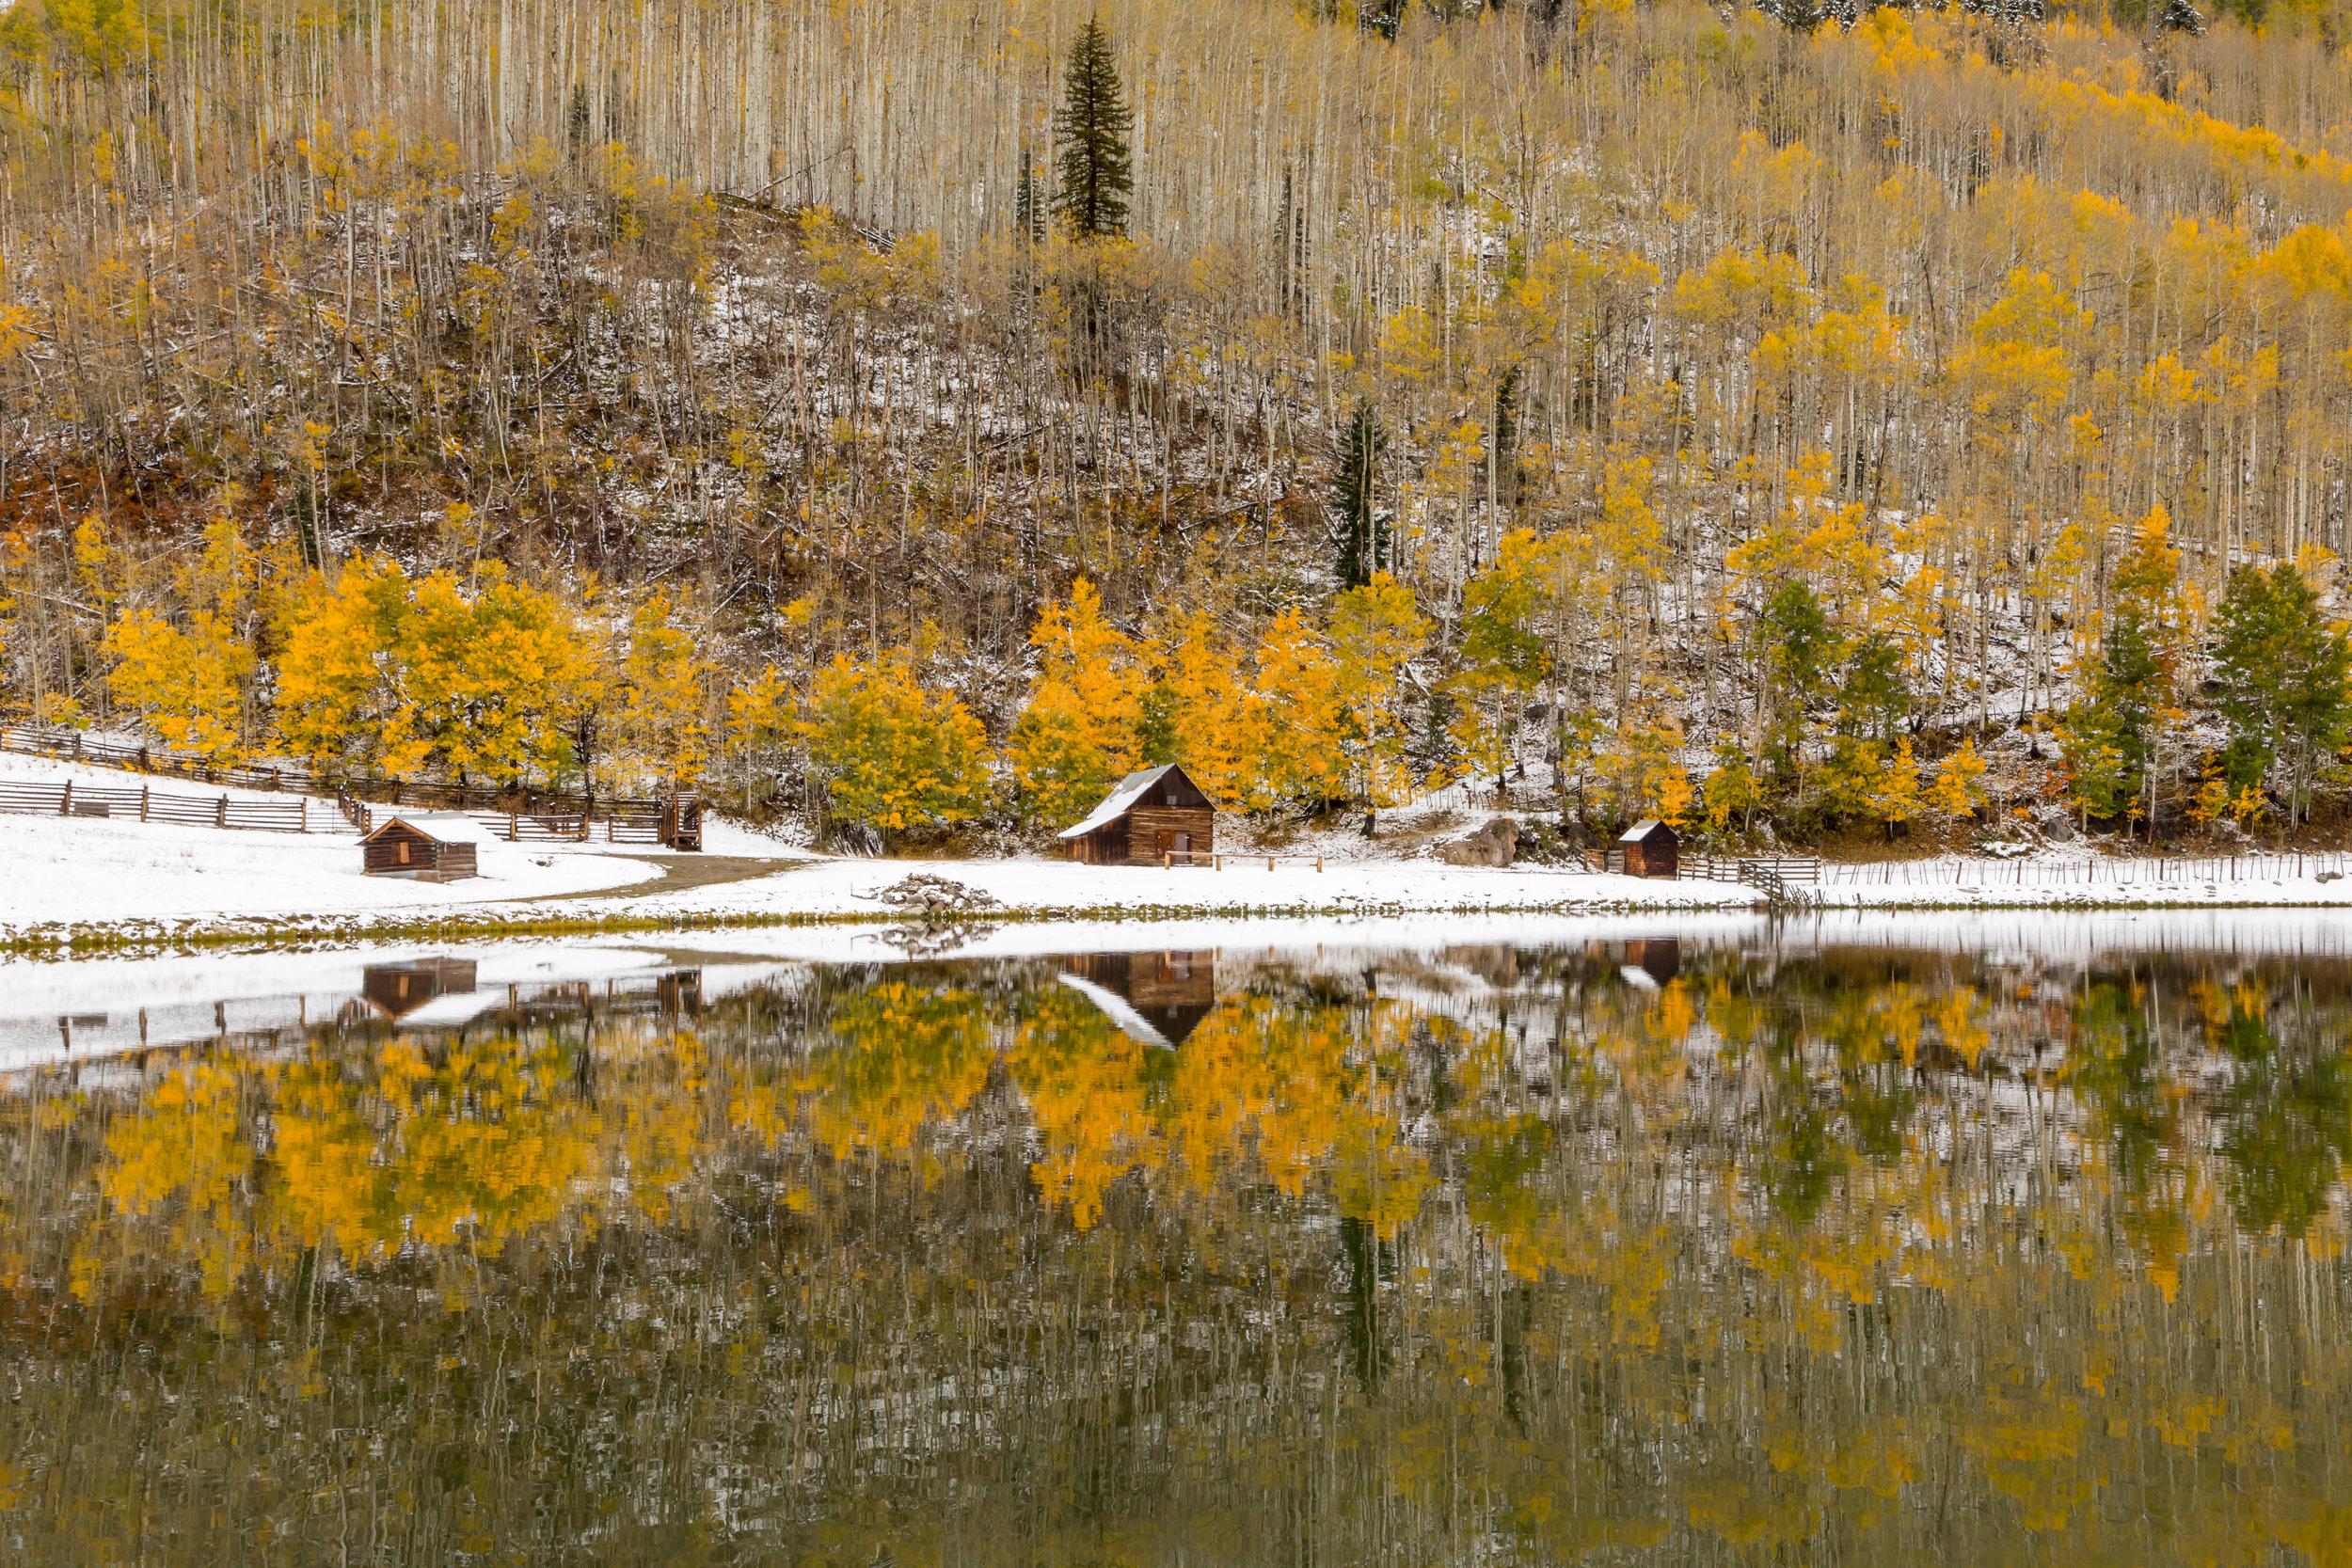 Hotter Pond, Image # 4722